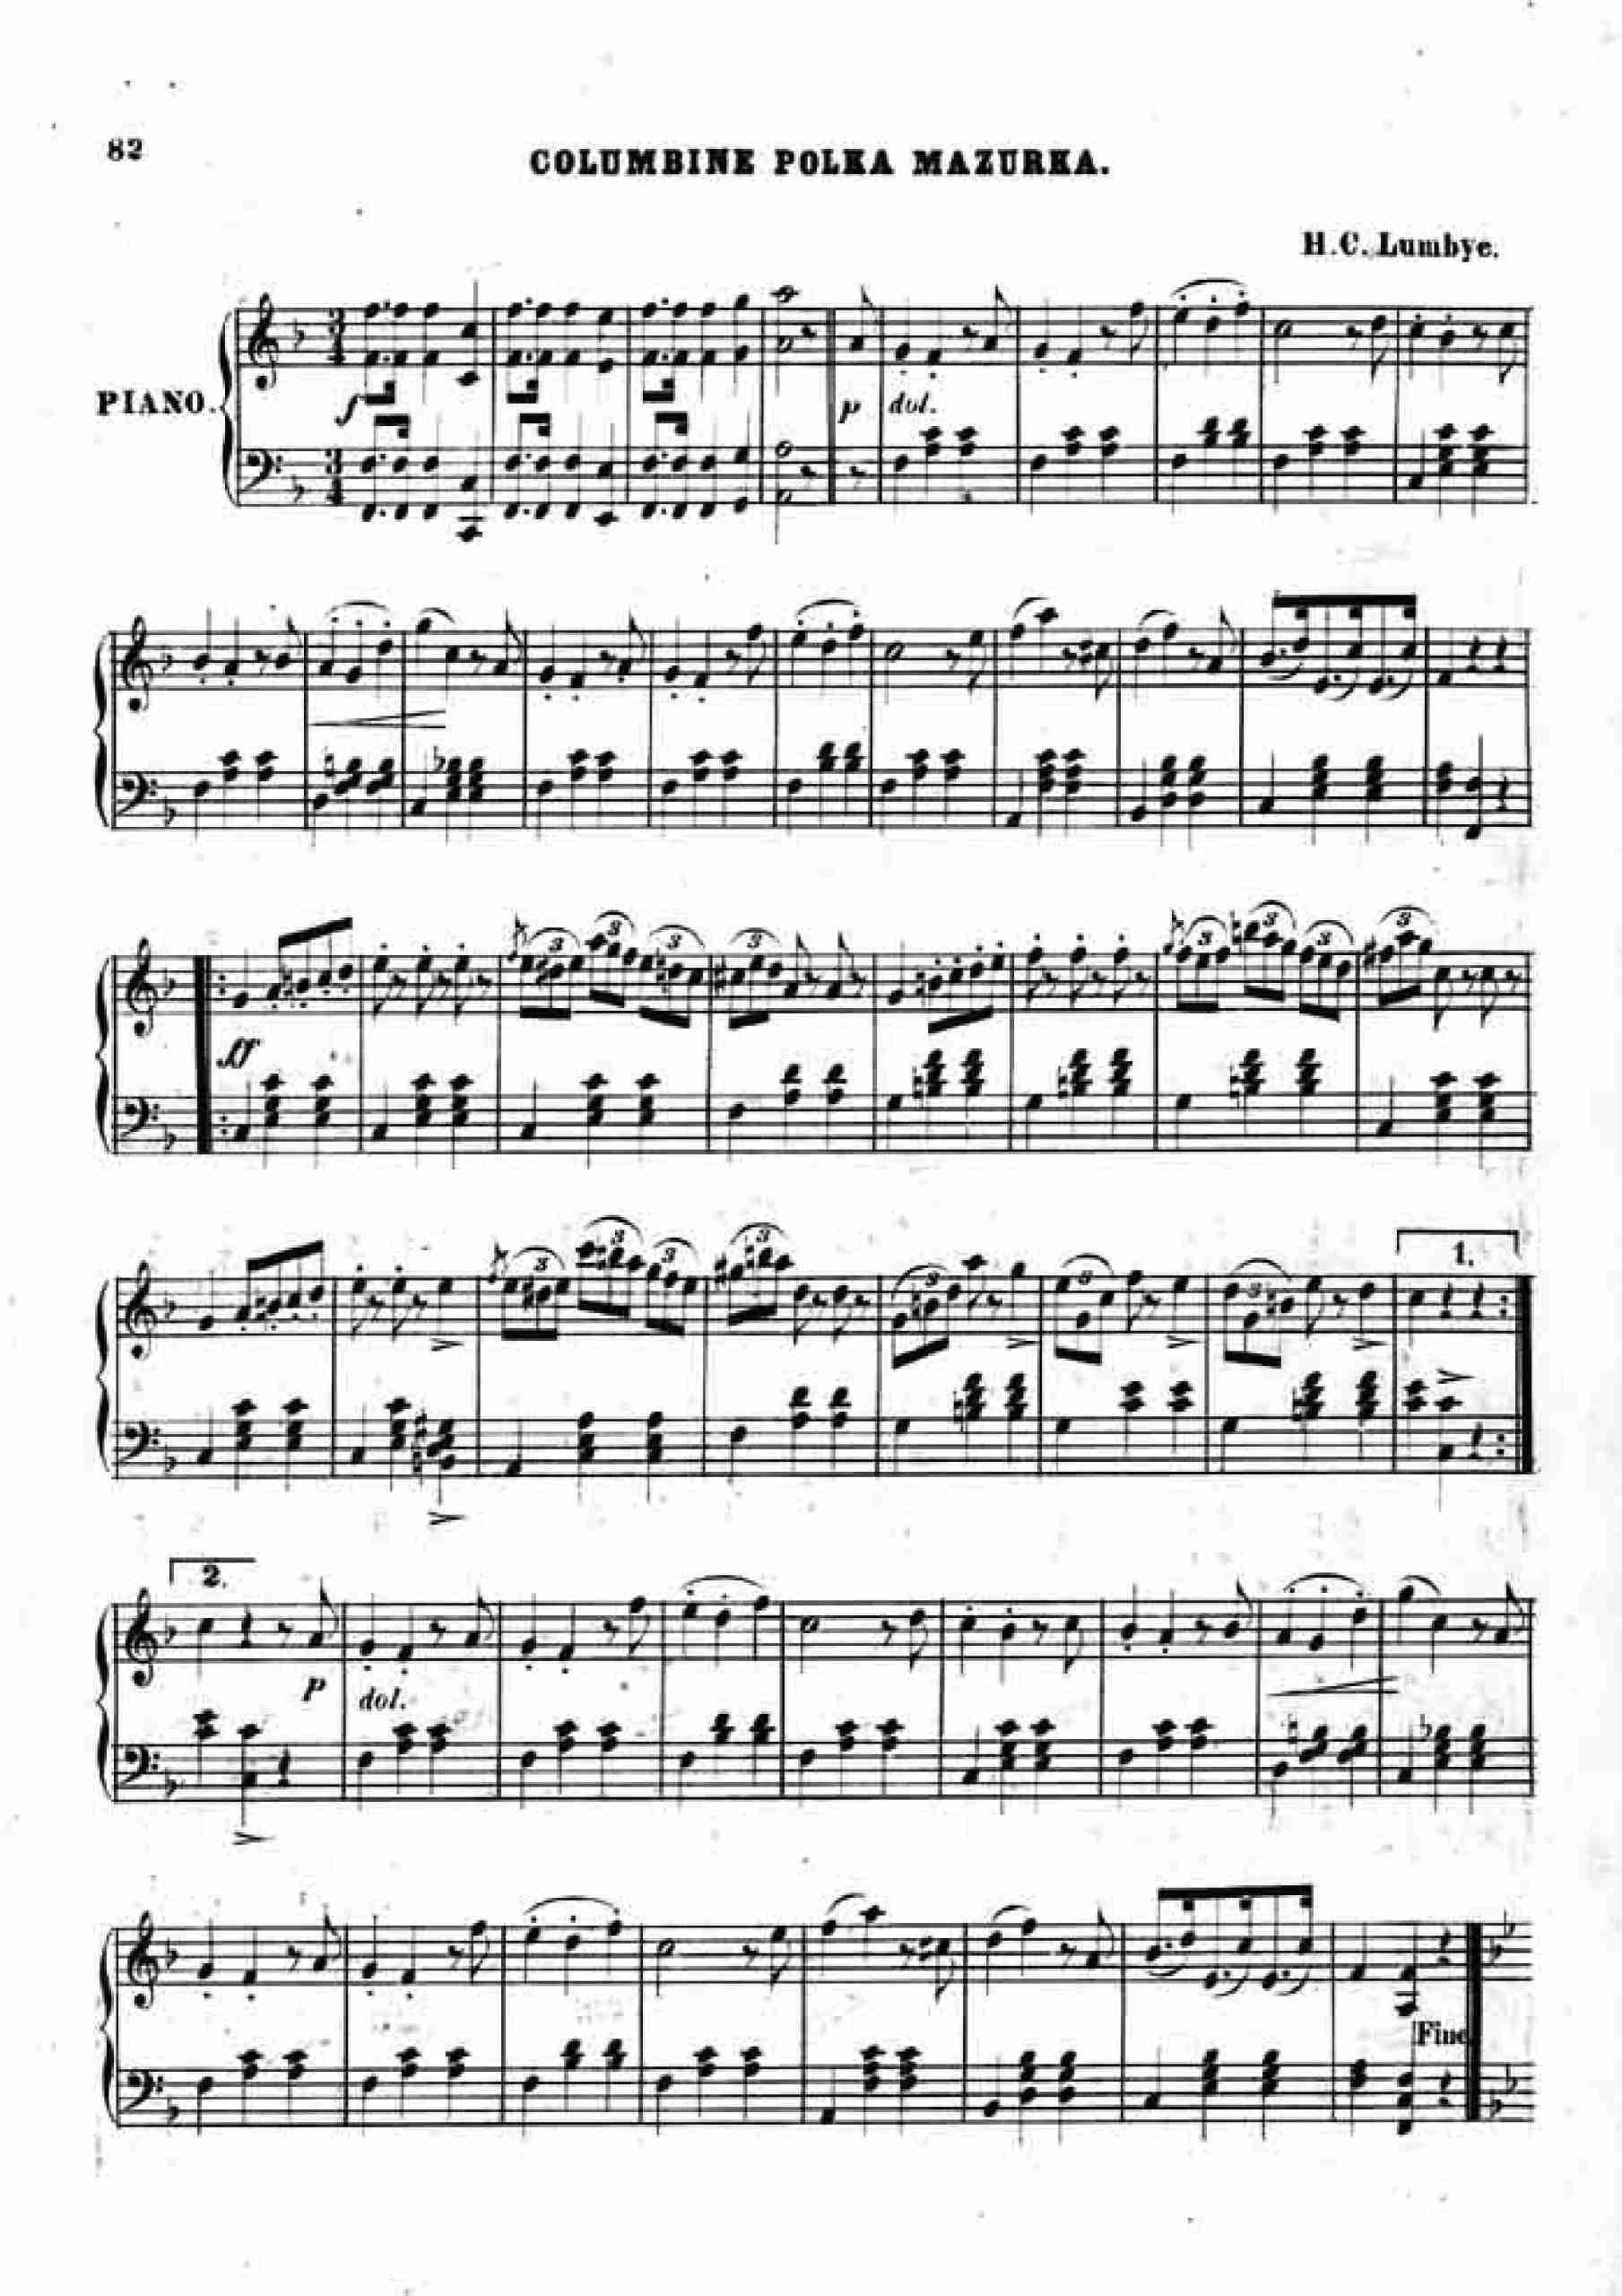 Lumbye, Hans Christian - Columbine Polka Mazurka